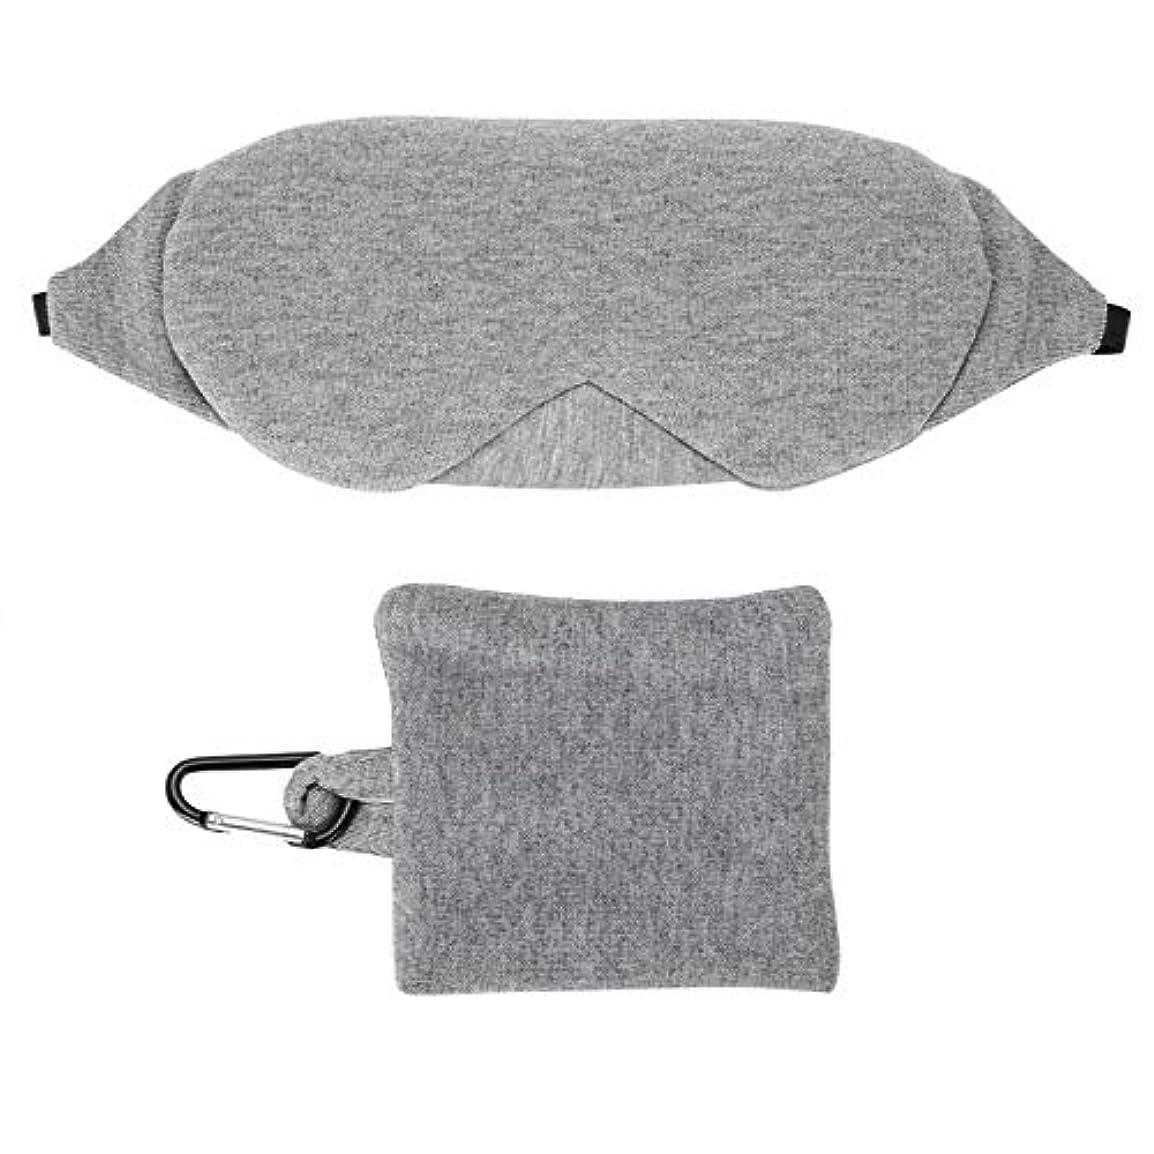 疫病羽物理学者NOTE 新しい調節可能な睡眠マスク通気性アイシェードカバー目隠しアイパッド睡眠マスクを助けて不眠症ケアツール